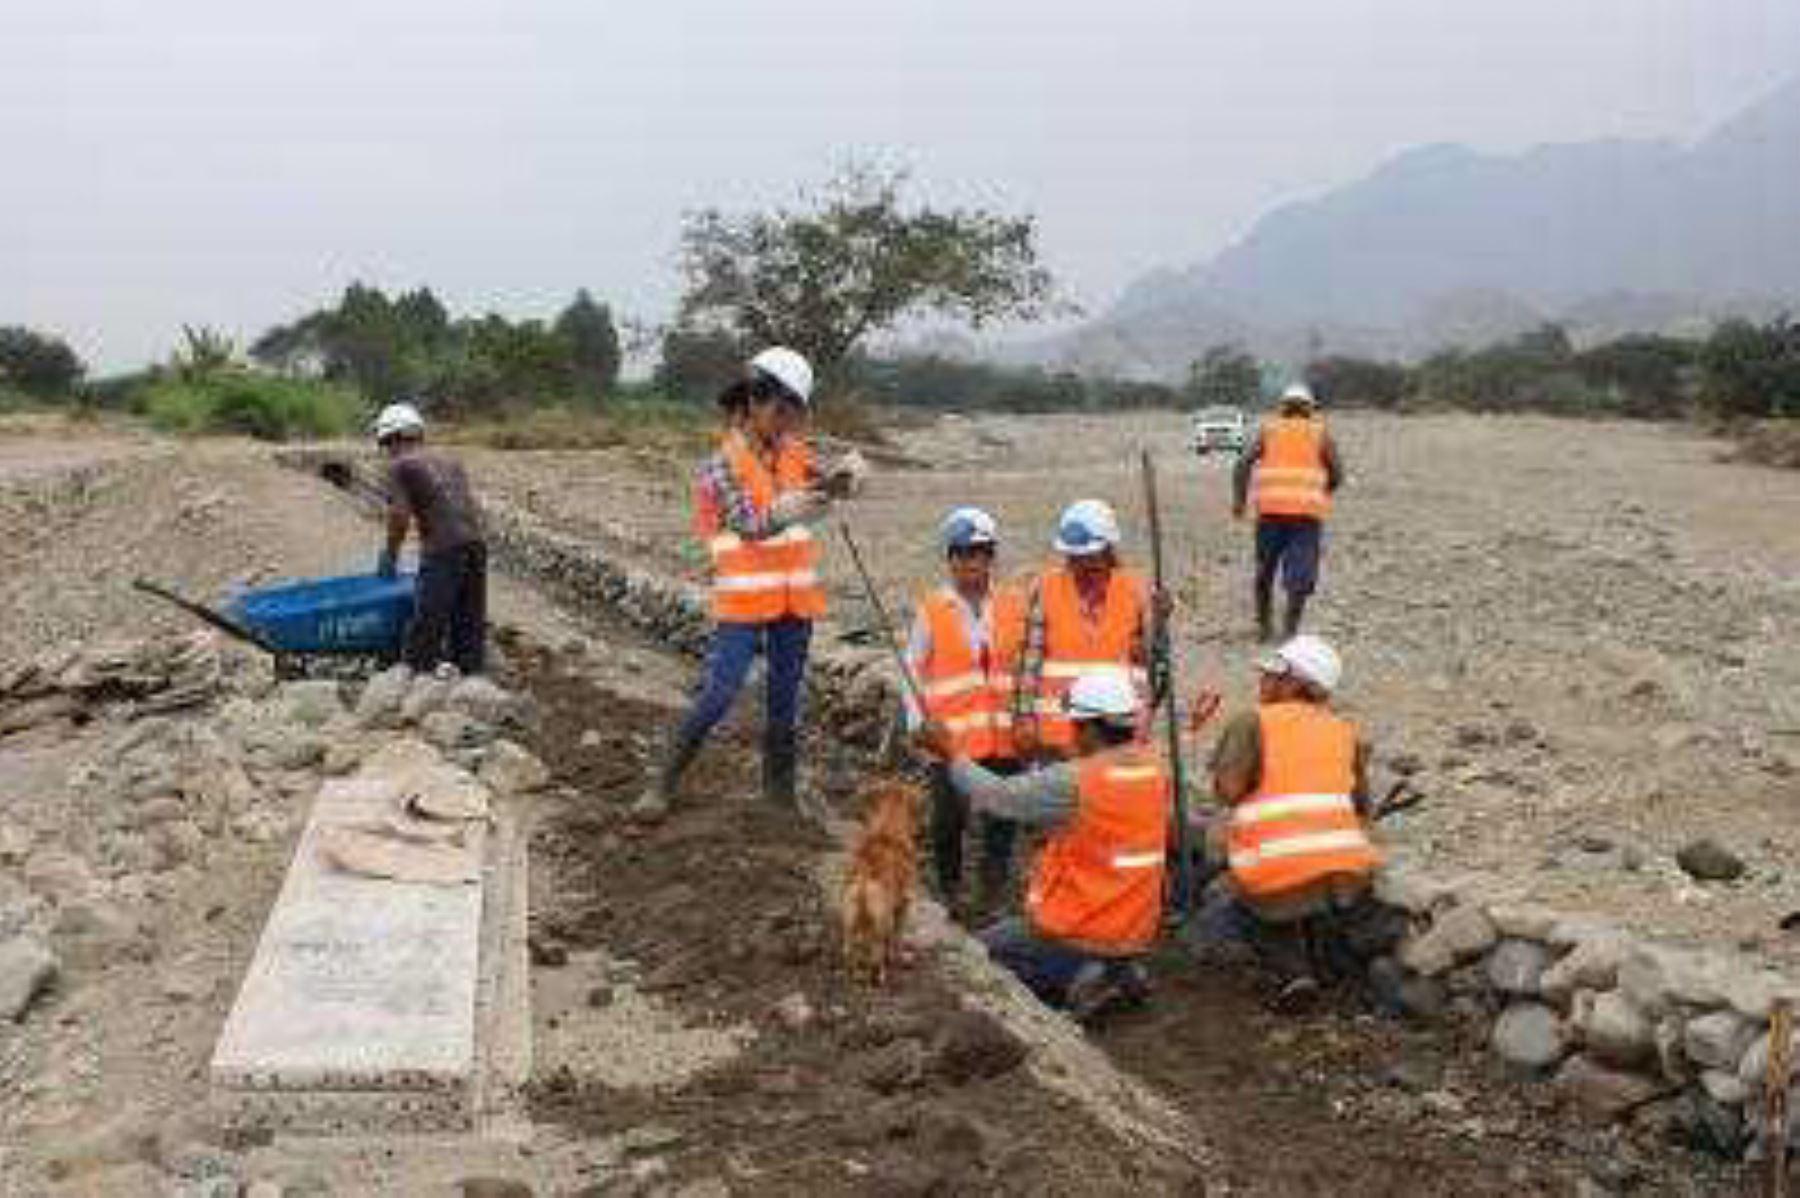 El Ministerio de Agricultura y Riego (Minagri), a través del Programa Subsectorial de Irrigaciones (PSI), ejecutará en seis regiones los primeros 25 proyectos de reconstrucción de la infraestructura hidráulica afectada por El Niño Costero, con una inversión de 71 millones 505,000 soles.